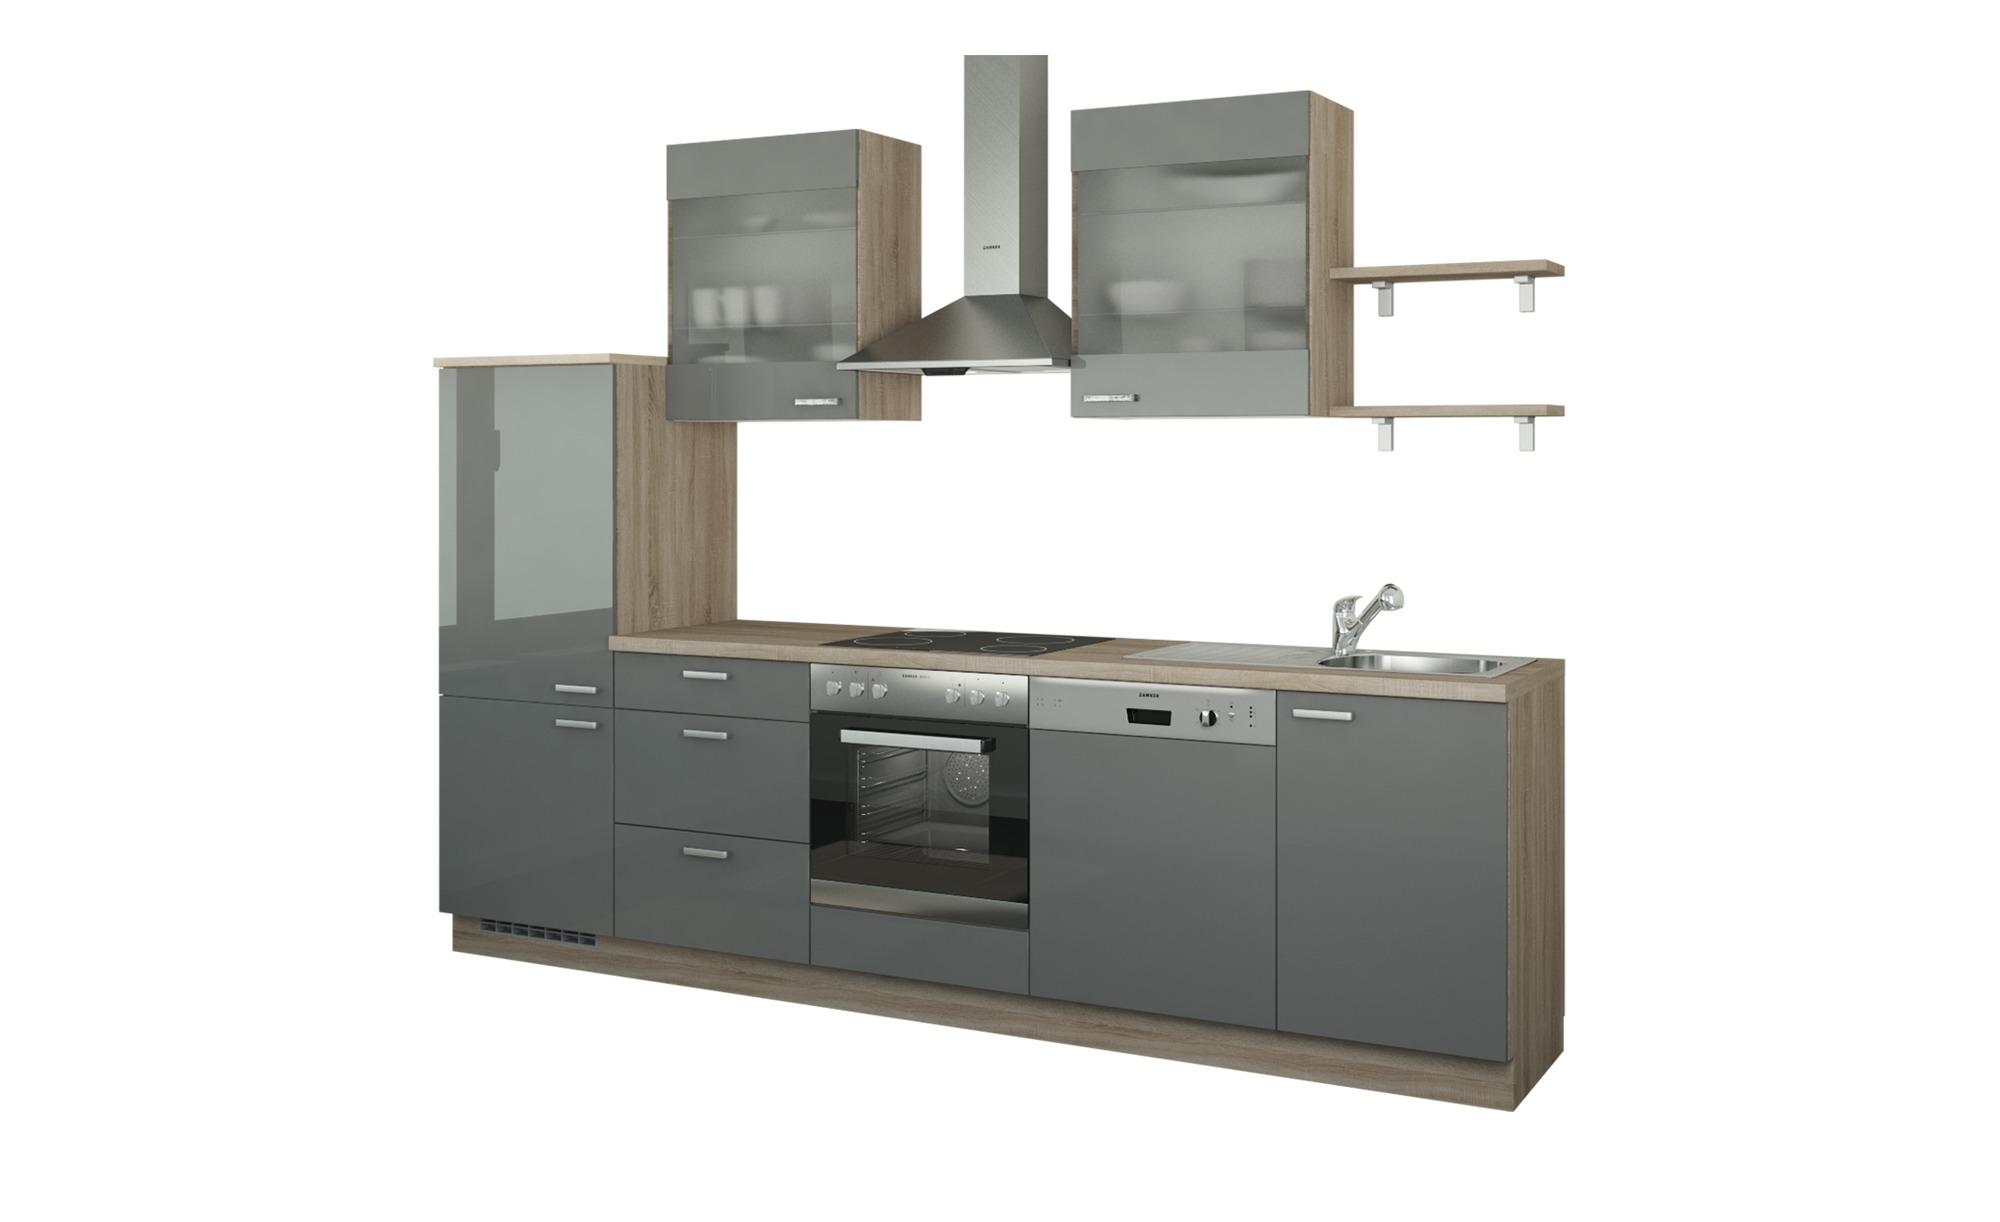 Küchenzeile ohne Elektrogeräte  Hamburg ¦ Maße (cm): B: 290 Küchen > Küchenblöcke ohne E-Geräte - Höffner